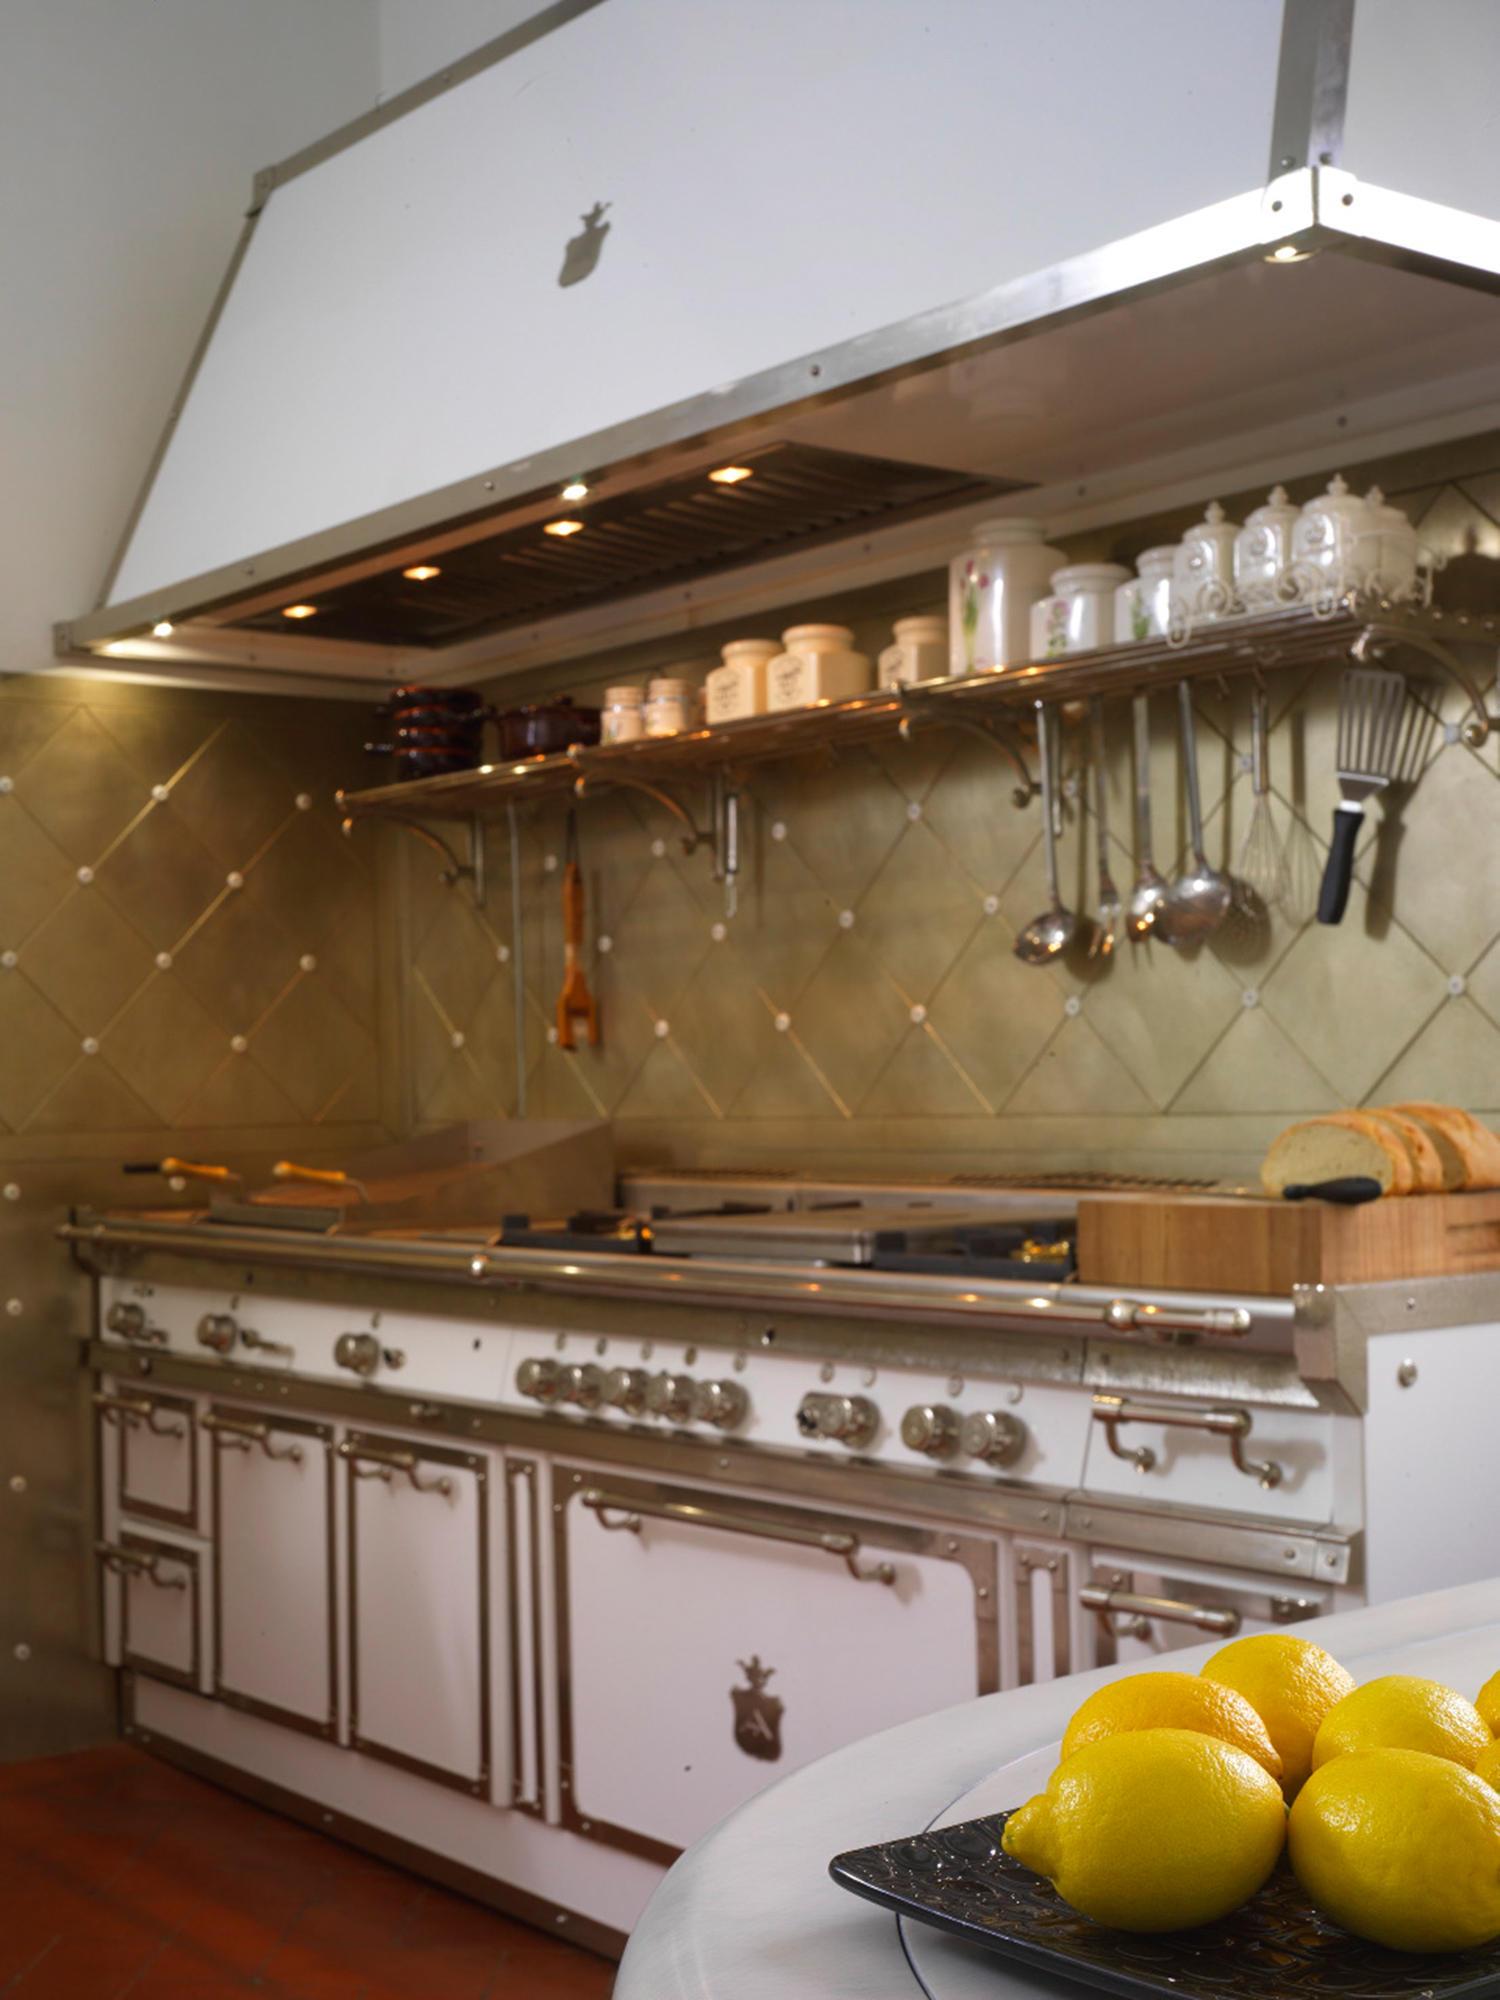 PITTI PALACE CUISINE - Cuisines intégrées de Officine Gullo | Architonic